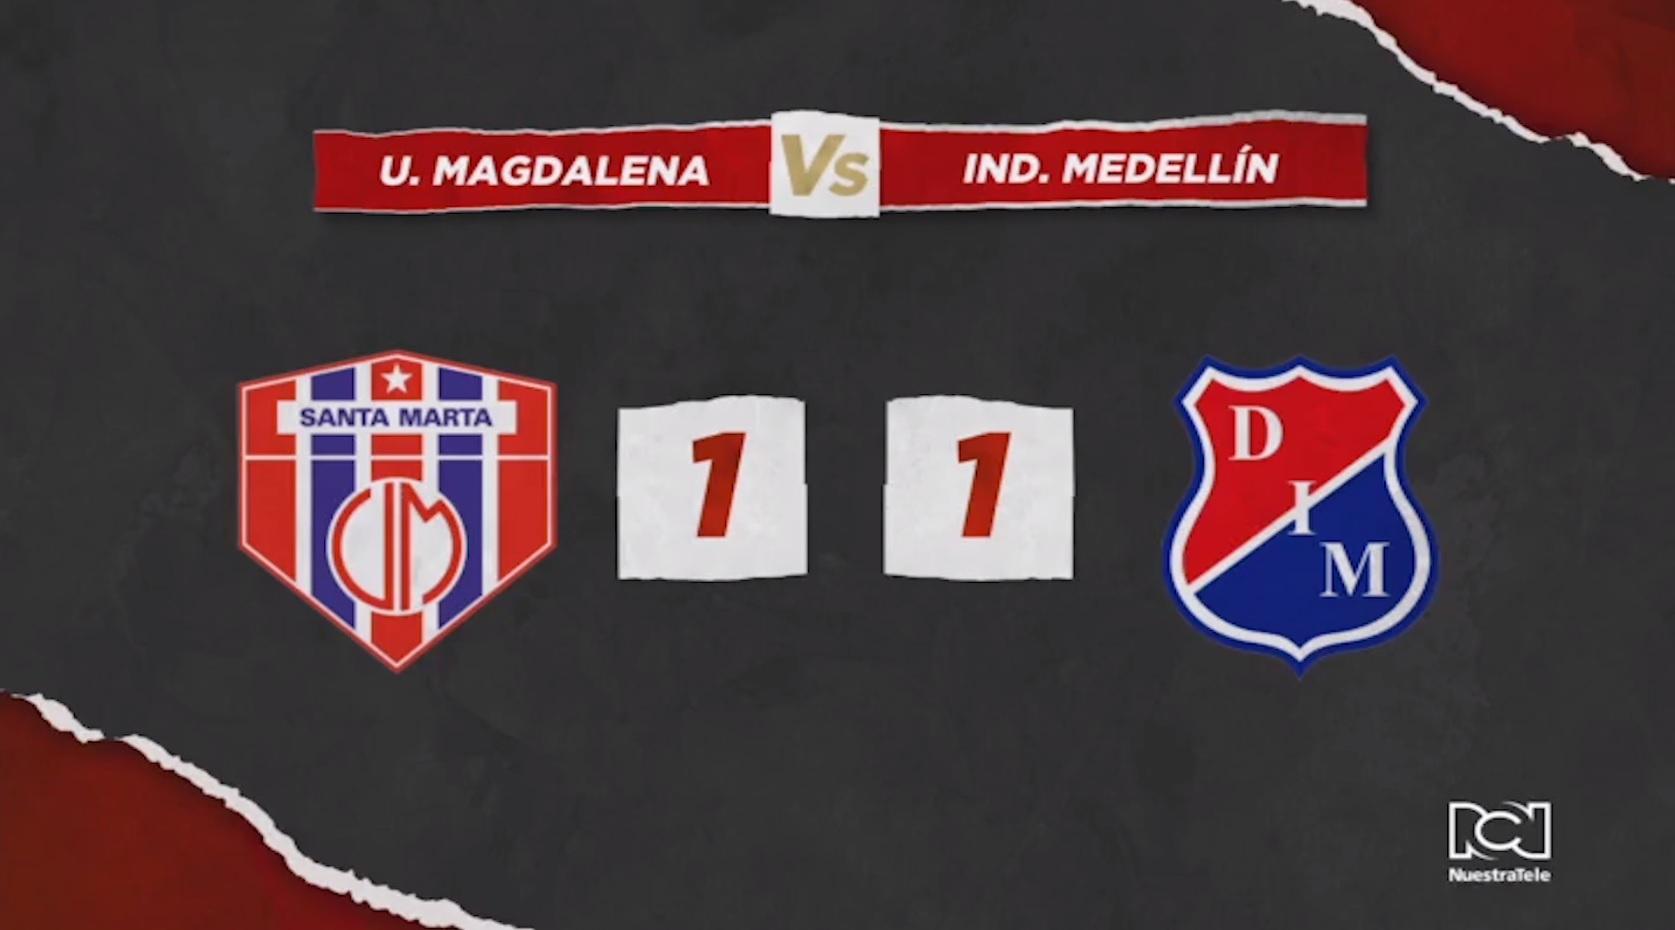 Unión Magdalena Vs Independiente Medellin